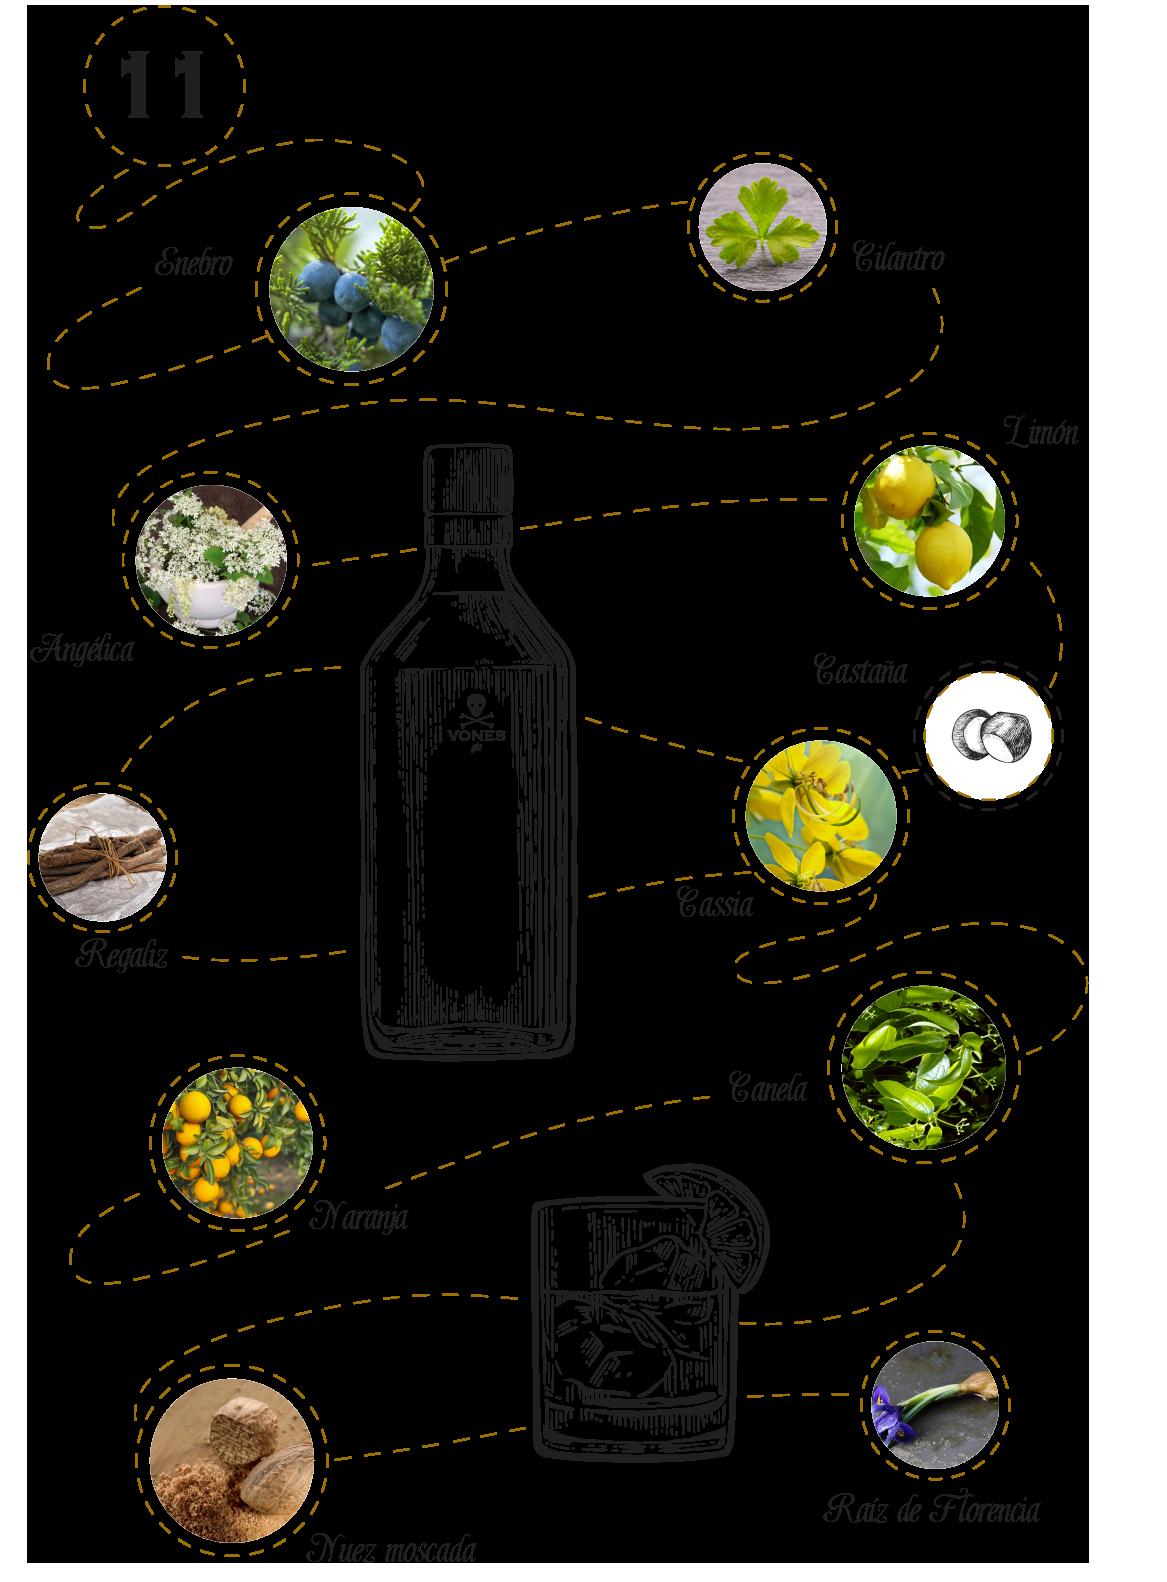 Infografía Botánicos